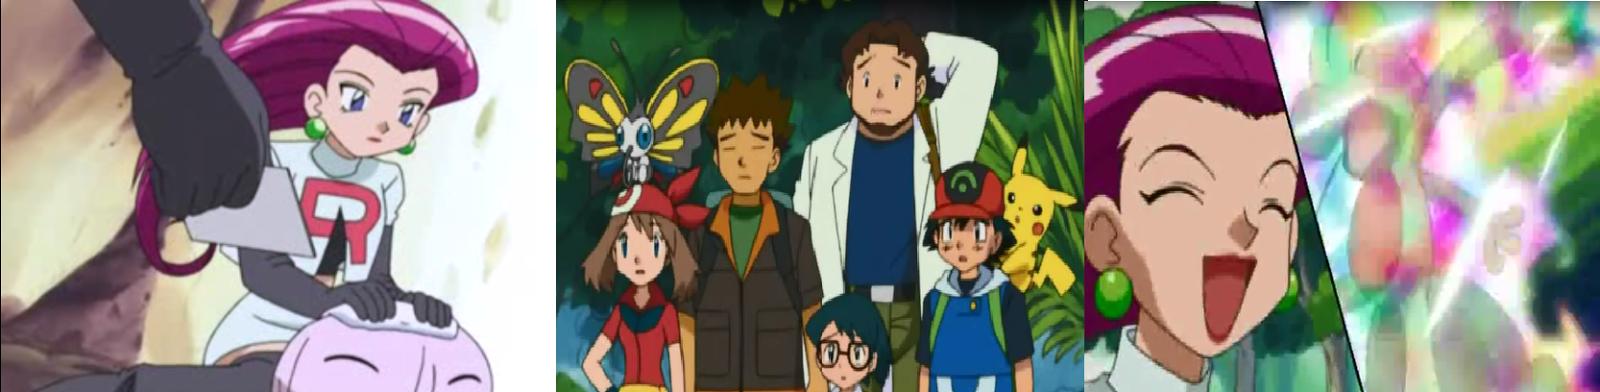 Pokemon Capitulo 28 Temporada 6 Ver Para Creer